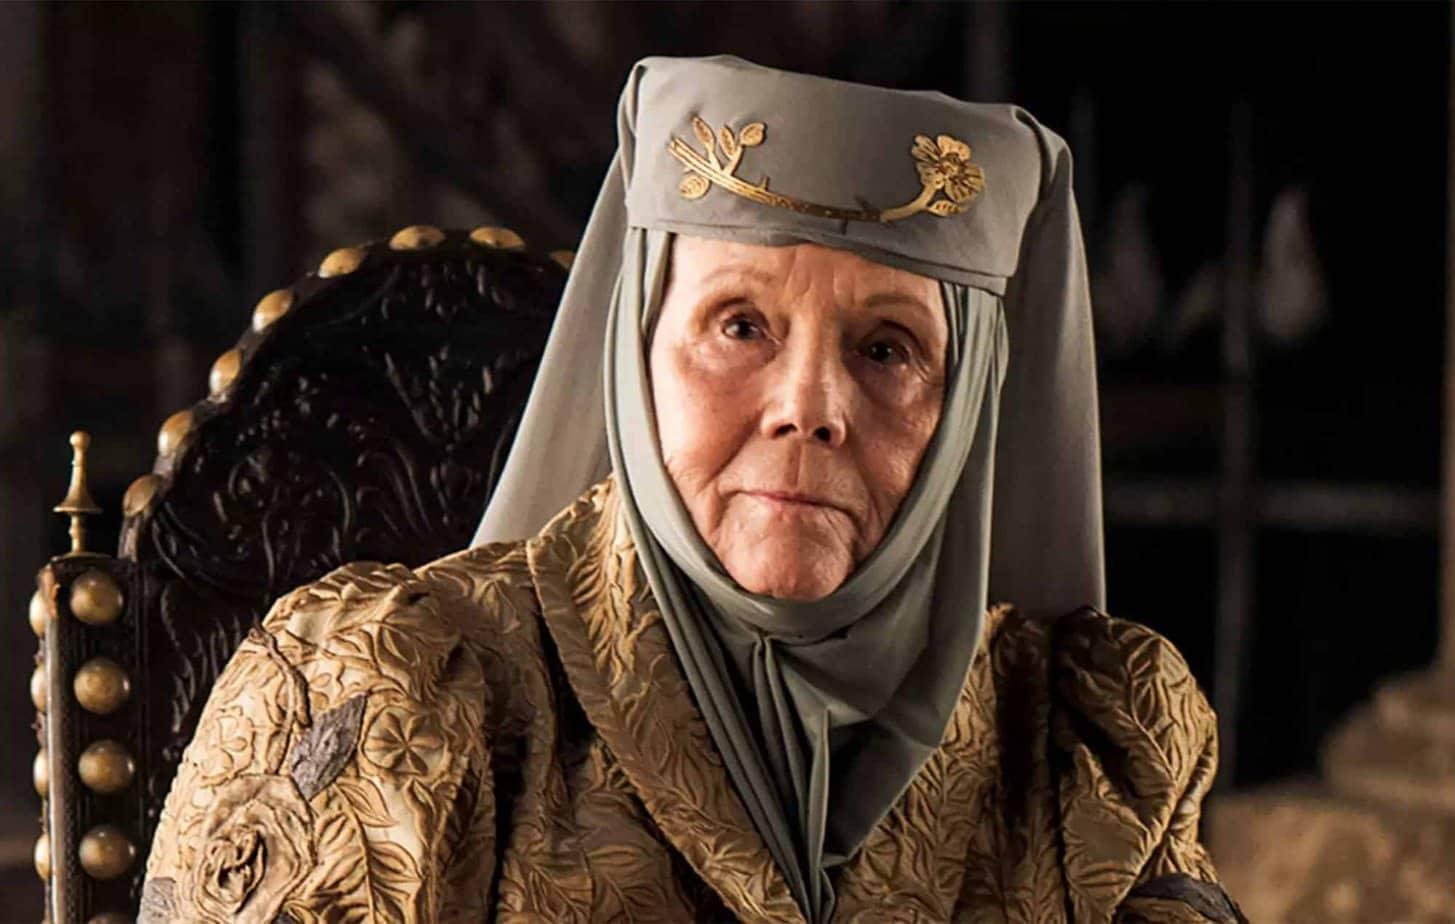 Les artistes pleurent la mort de Diana Rigg de Game of Thrones 1